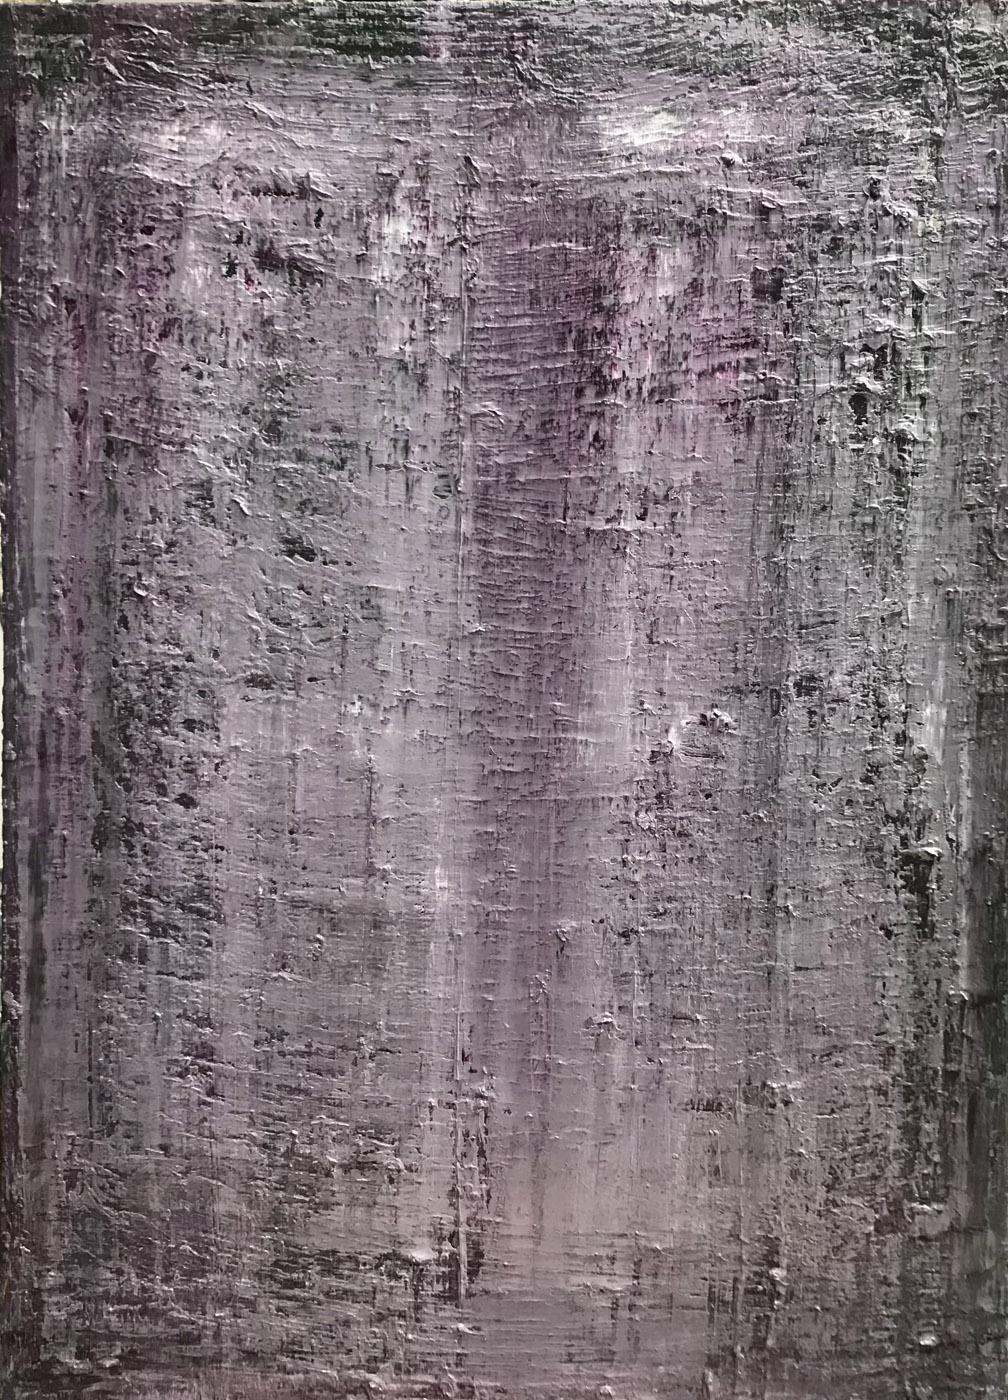 MARC FELD 2020 VERS LES RÉCIFS Huile sur toile 65 x 100 cm